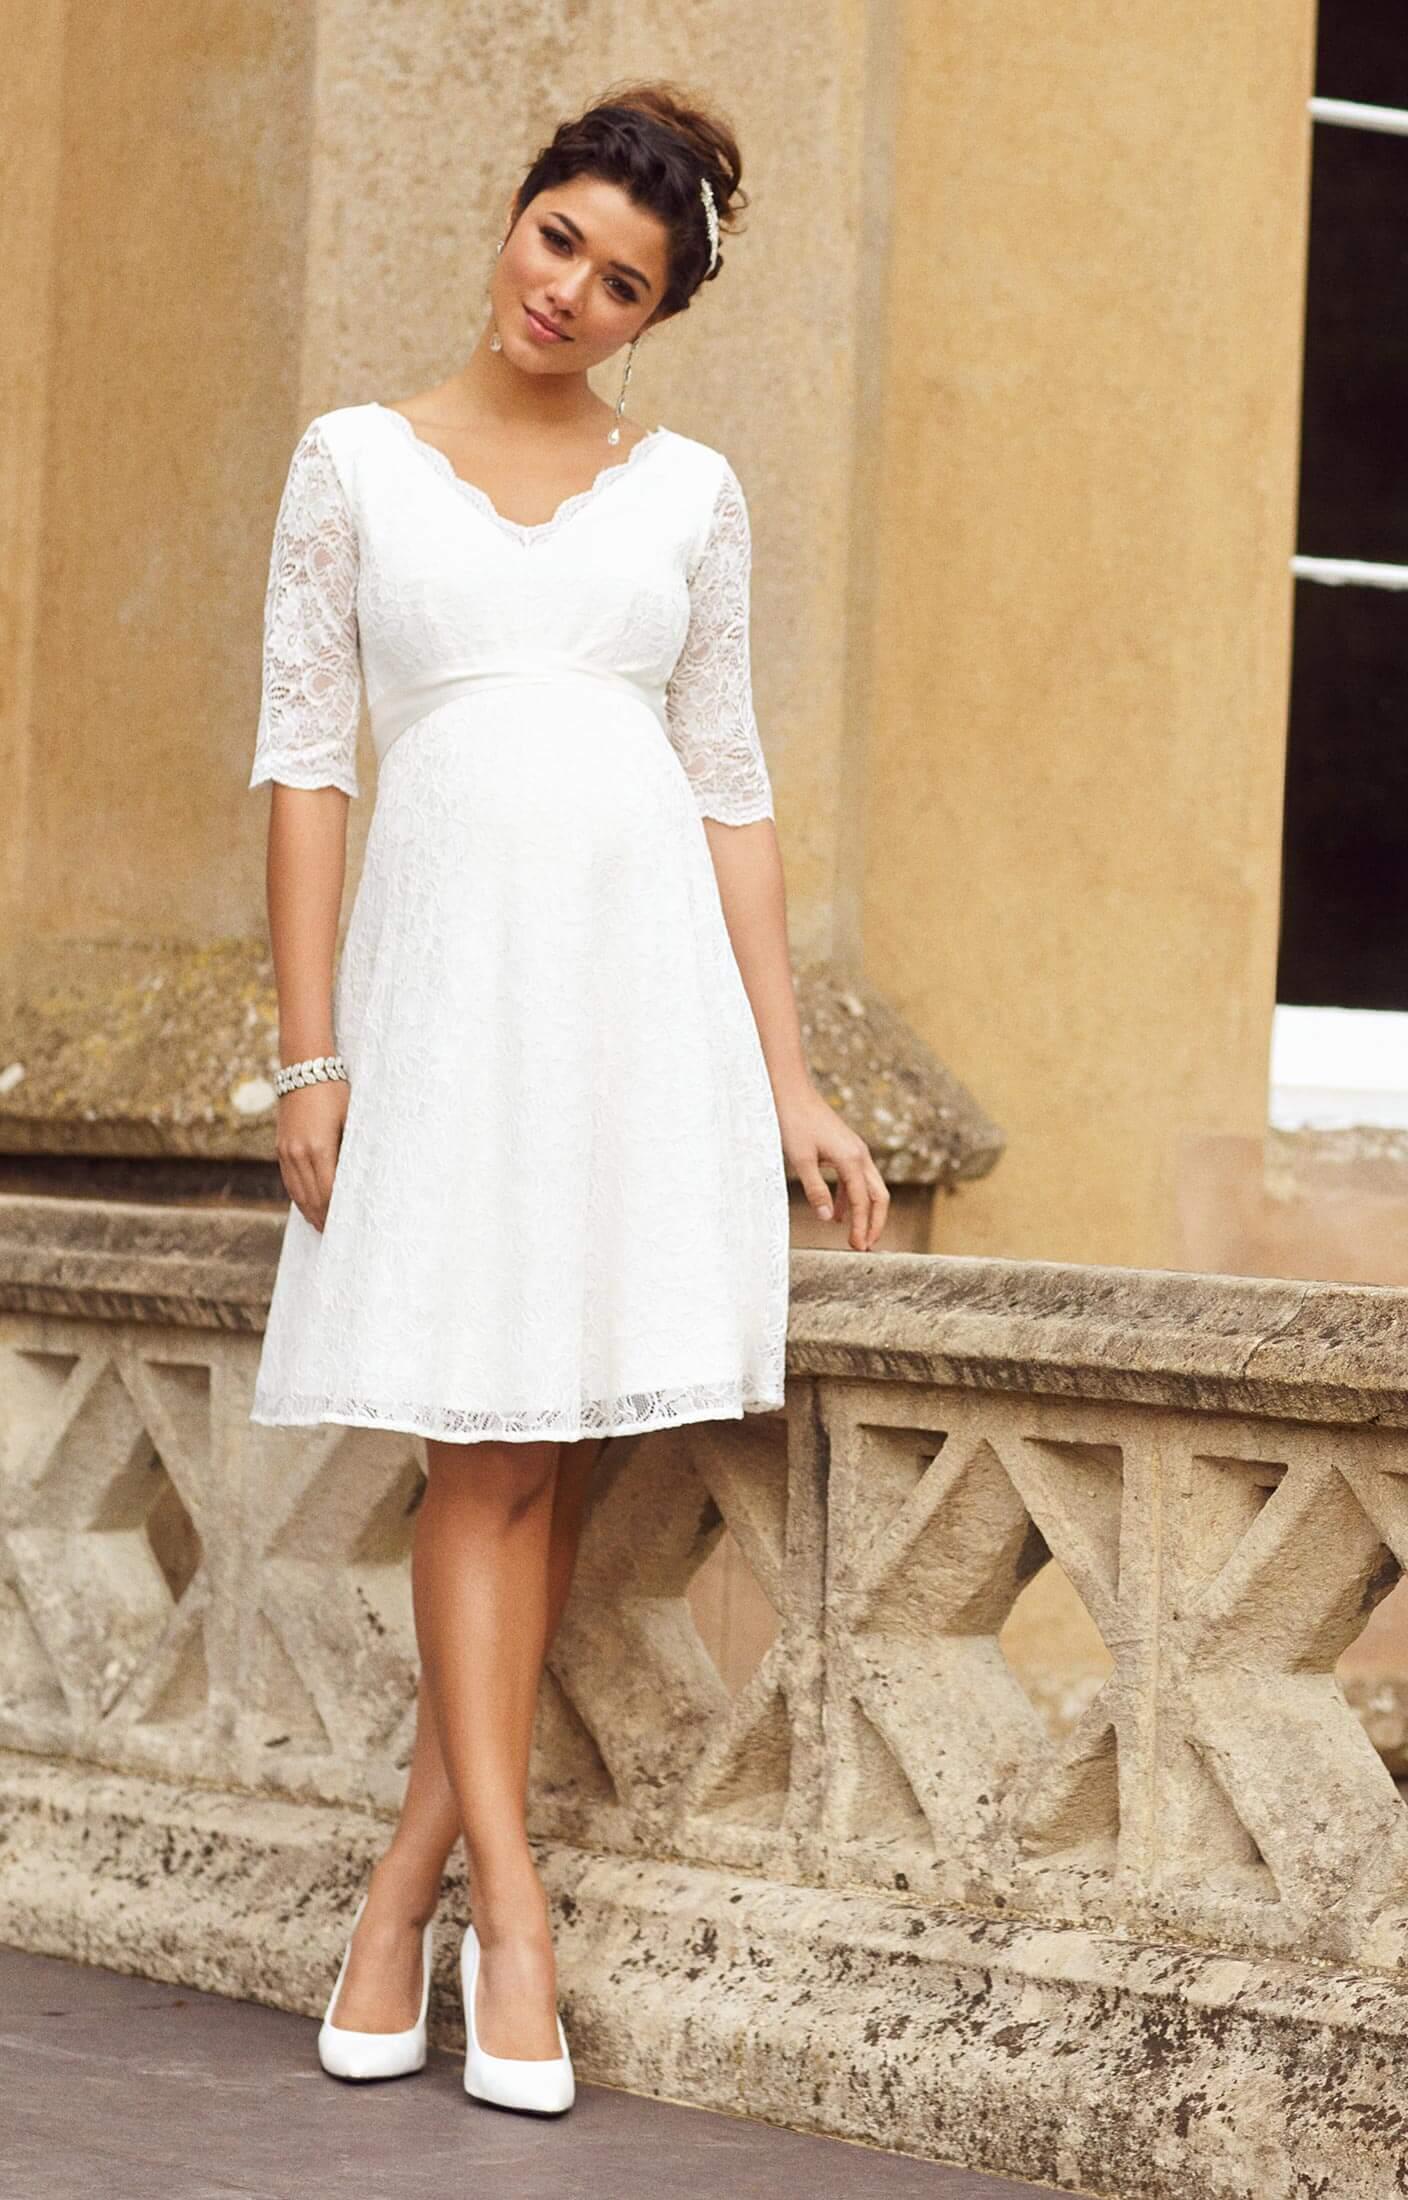 Noelle Maternity Wedding Dress Short Ivory  Maternity Wedding Dresses Evening Wear and Party